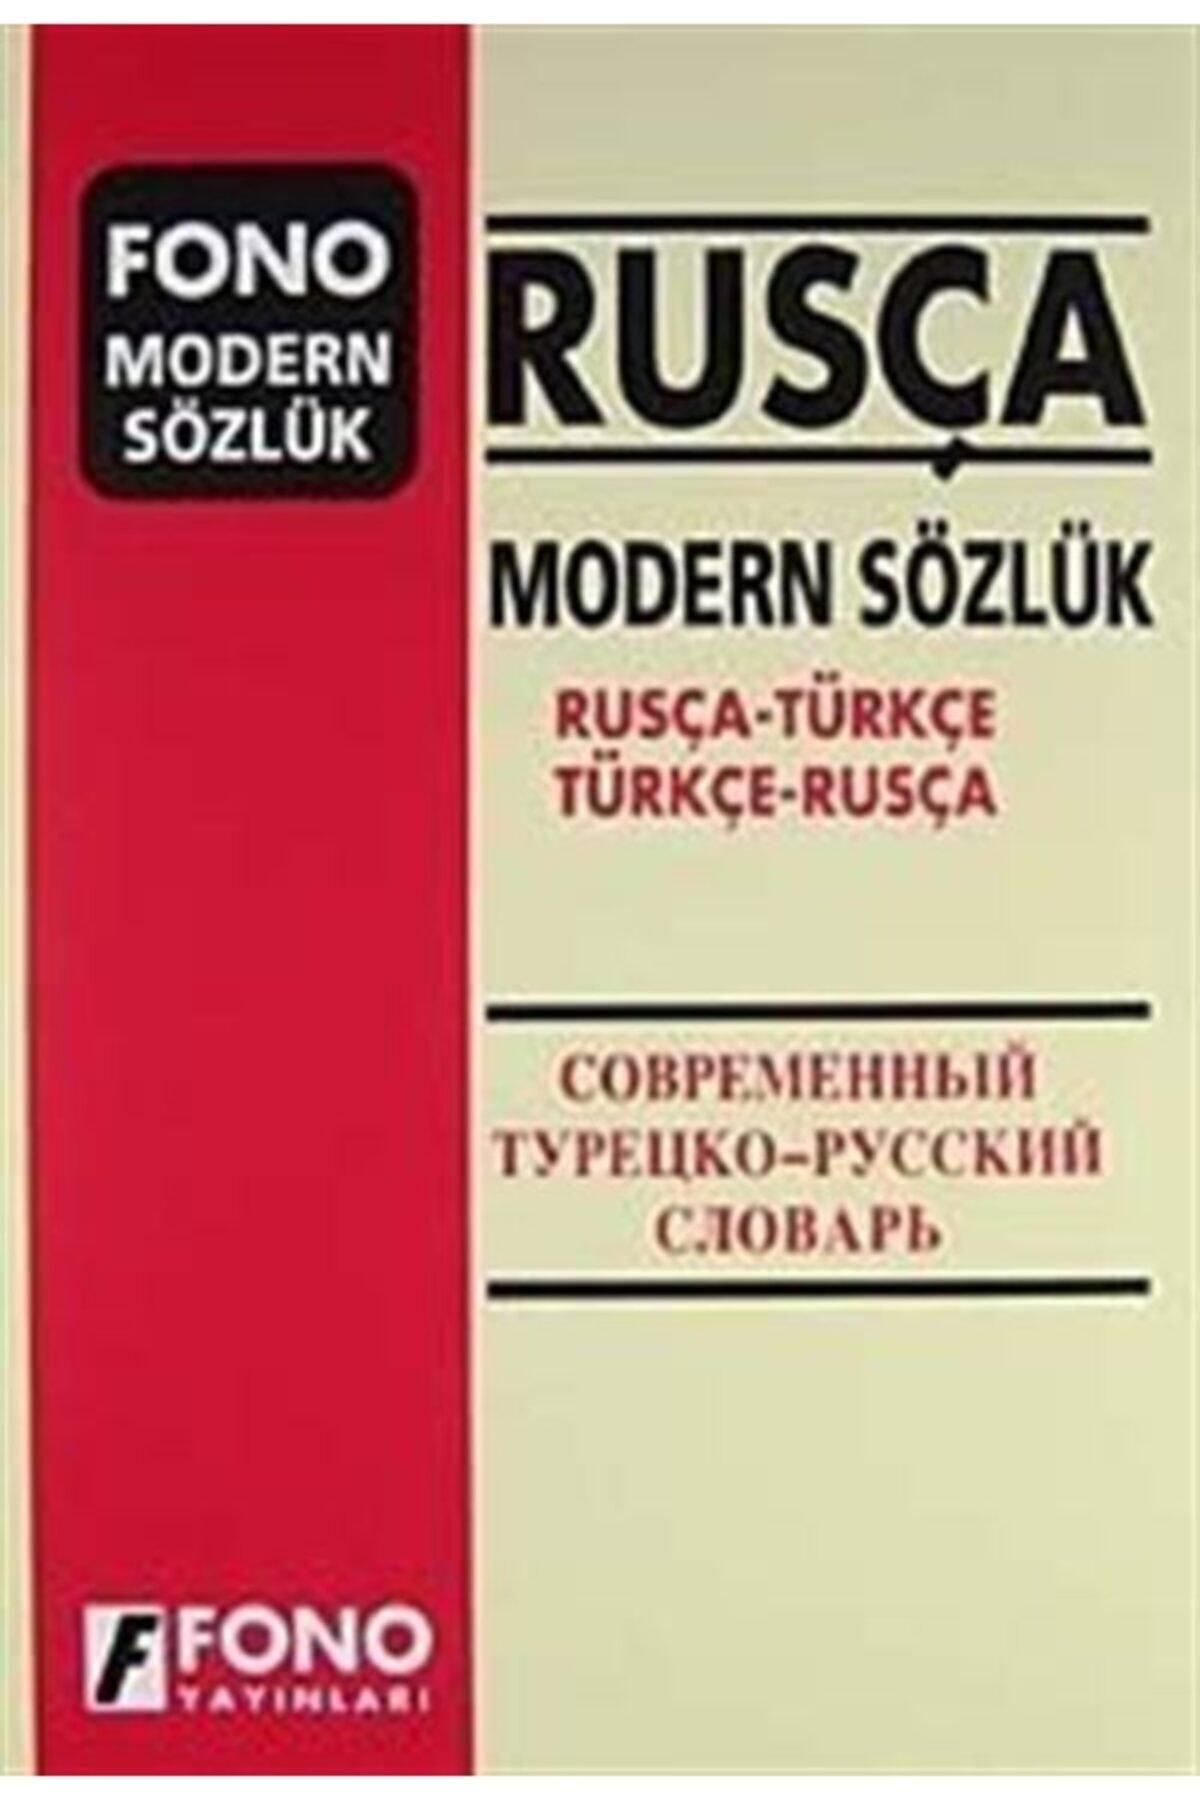 Fono Yayınları Rusça Modern Sözlük (rusça-türkçe Türkçe-rusça) 1